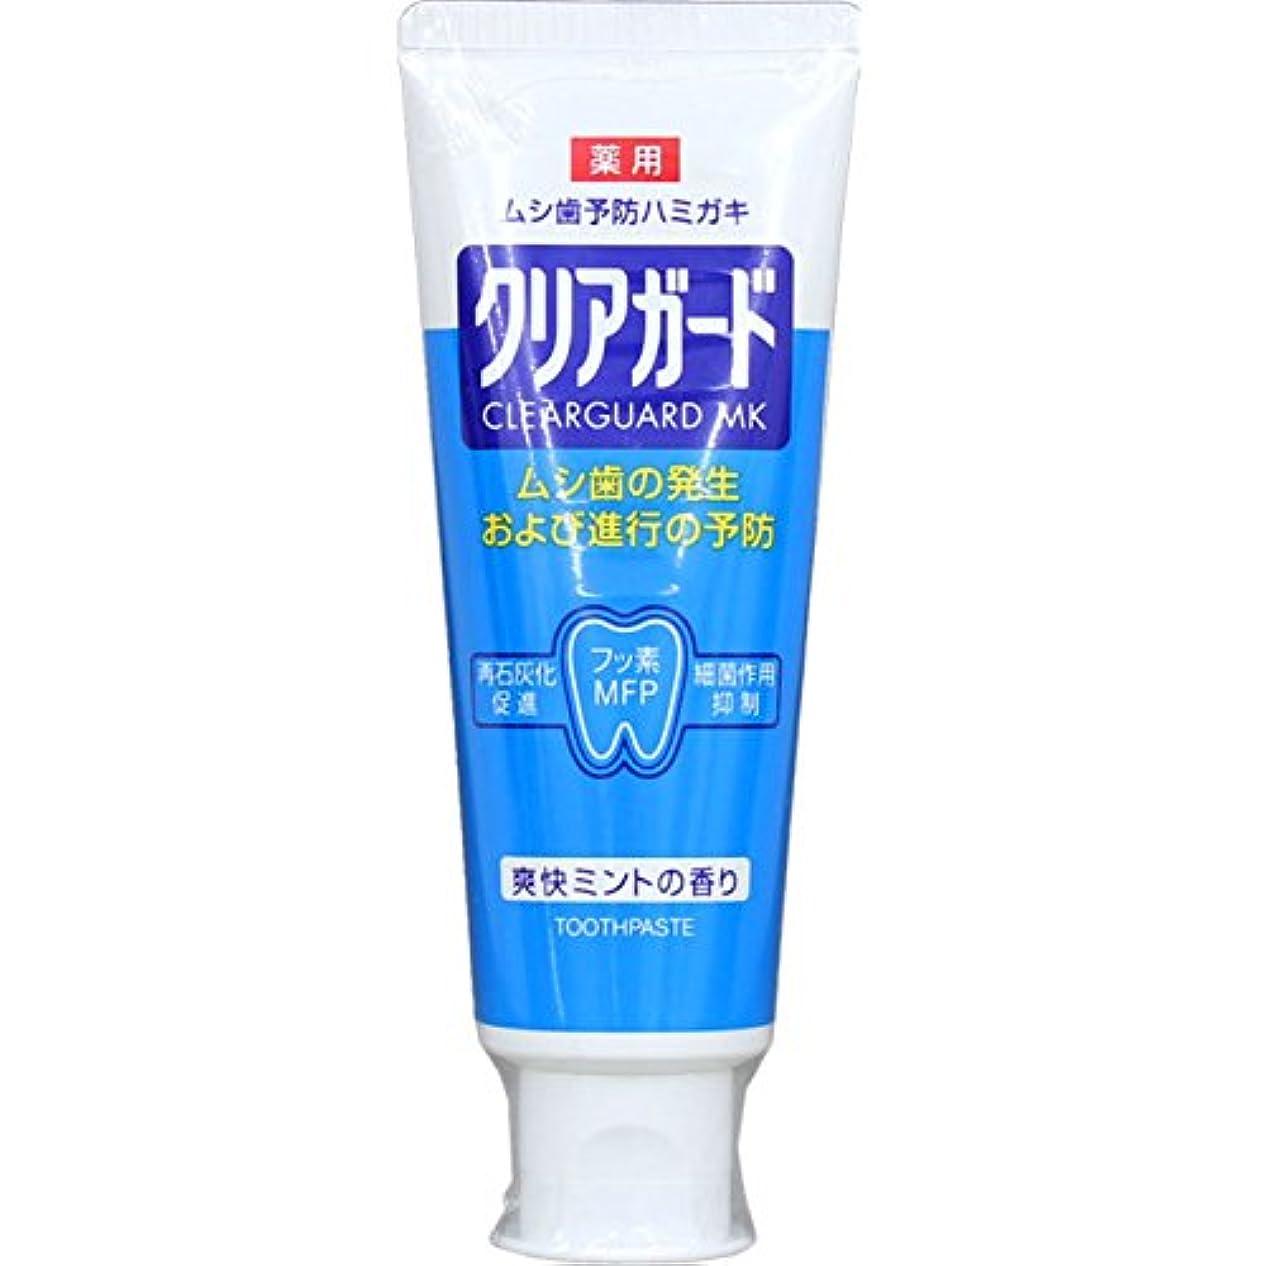 対応テンポレザーMK 薬用クリアガード 160g (医薬部外品)